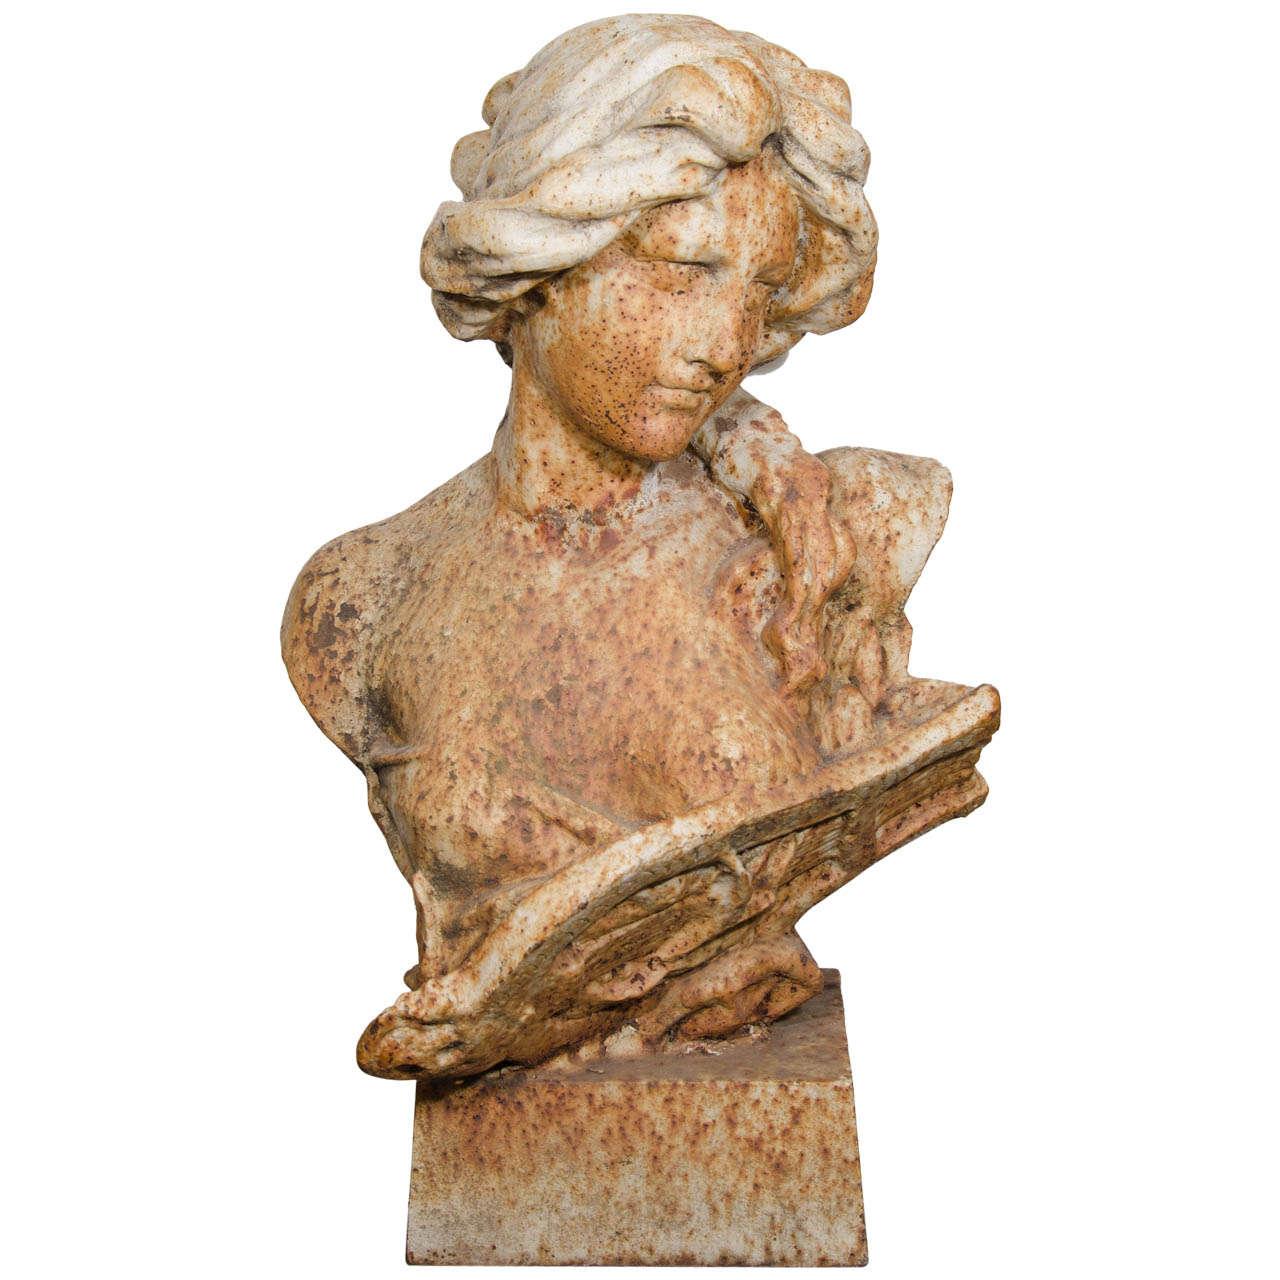 Art nouveau cast iron garden sculpture of a woman for sale at 1stdibs - Wrought iron garden sculptures ...